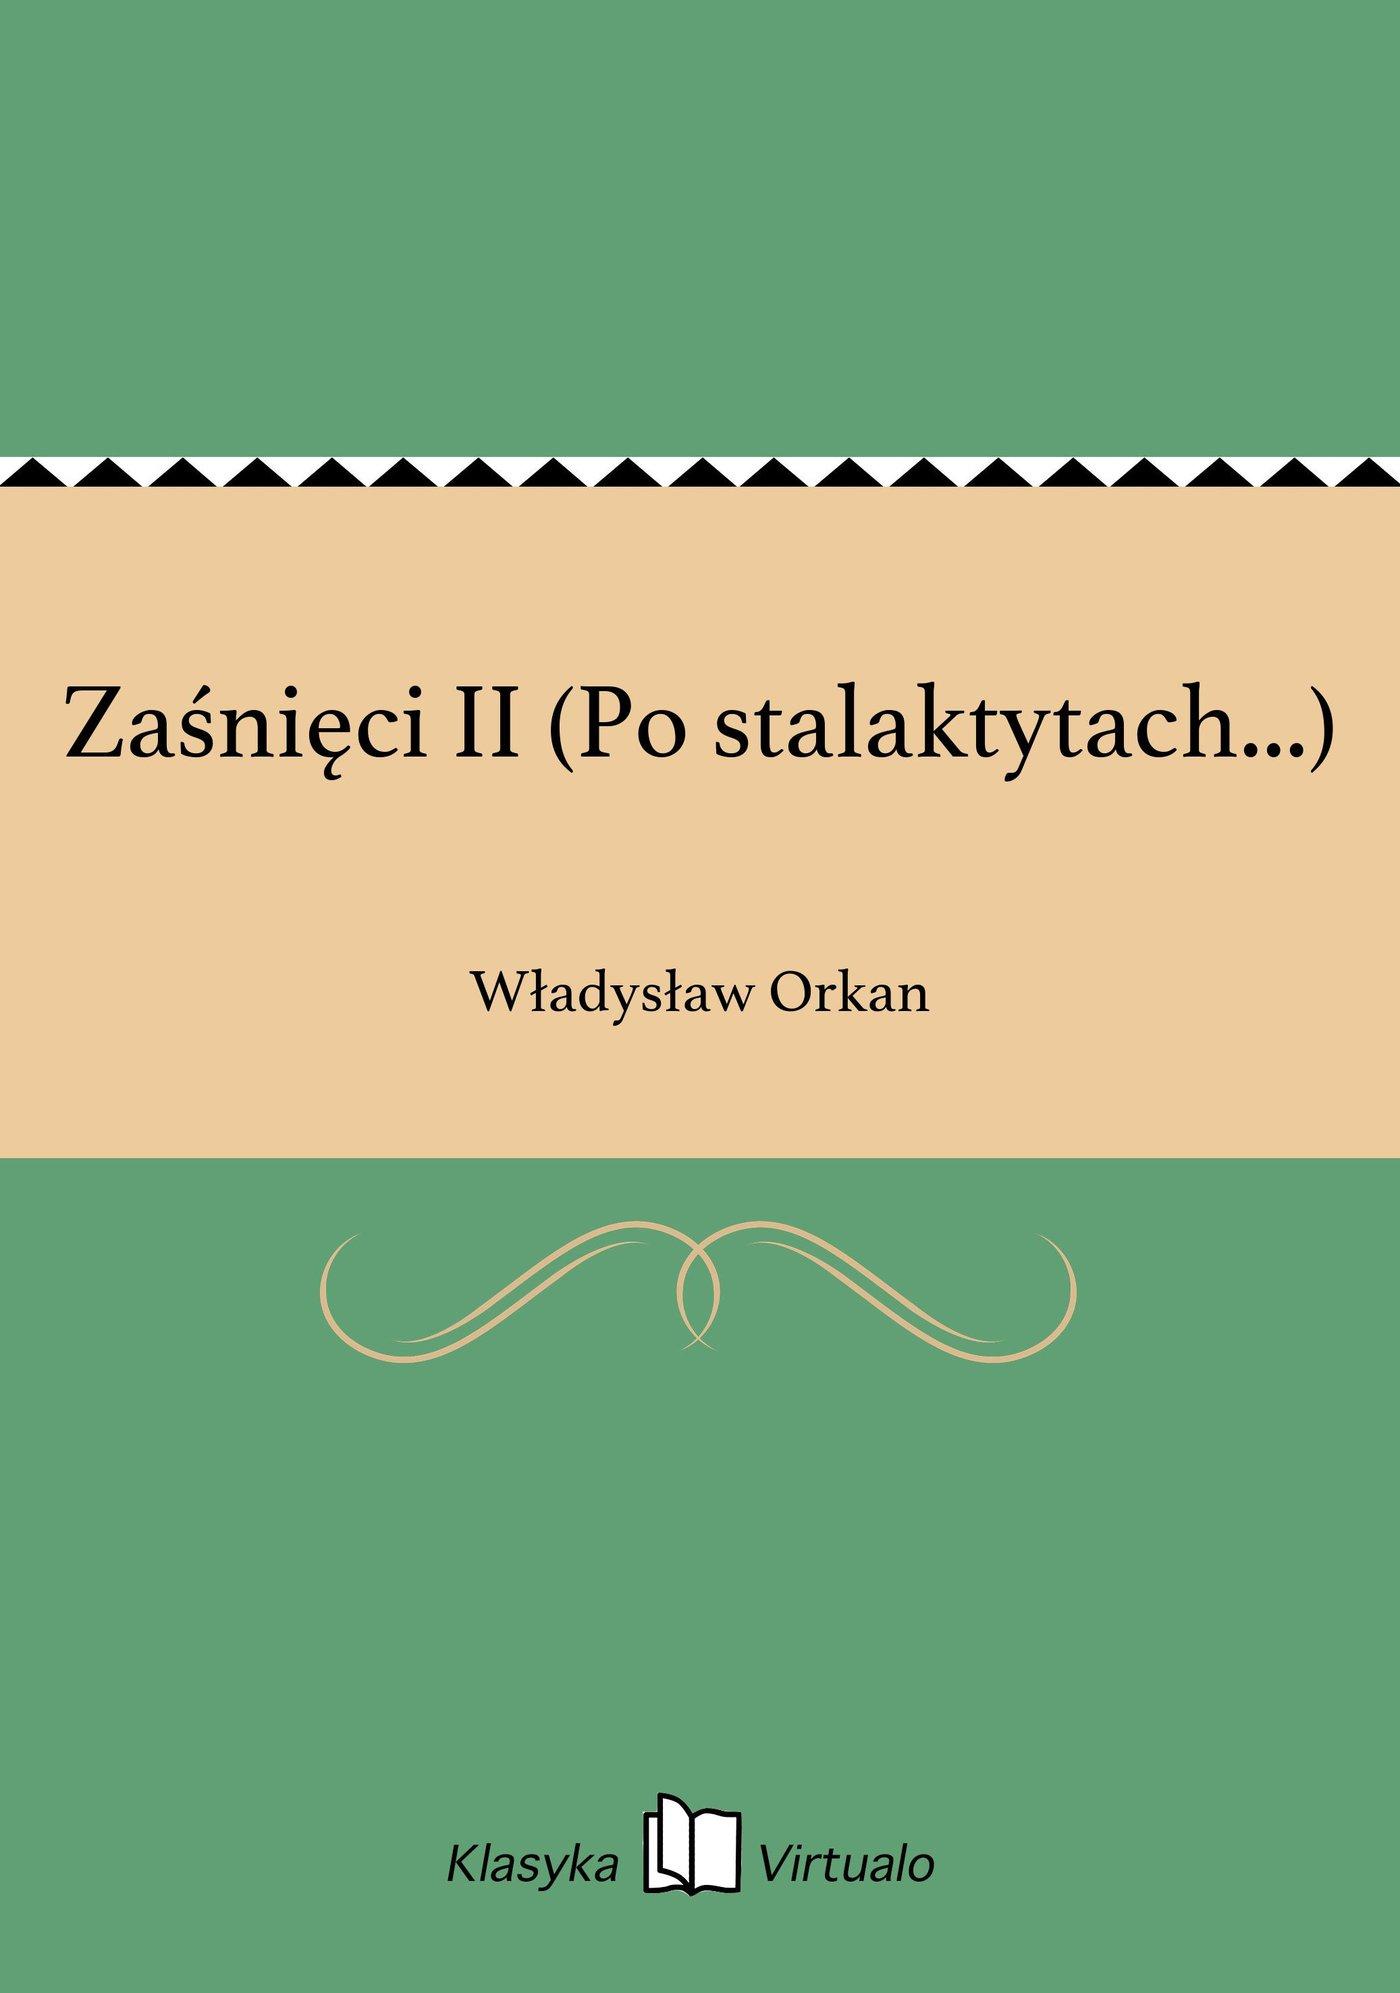 Zaśnięci II (Po stalaktytach...) - Ebook (Książka EPUB) do pobrania w formacie EPUB